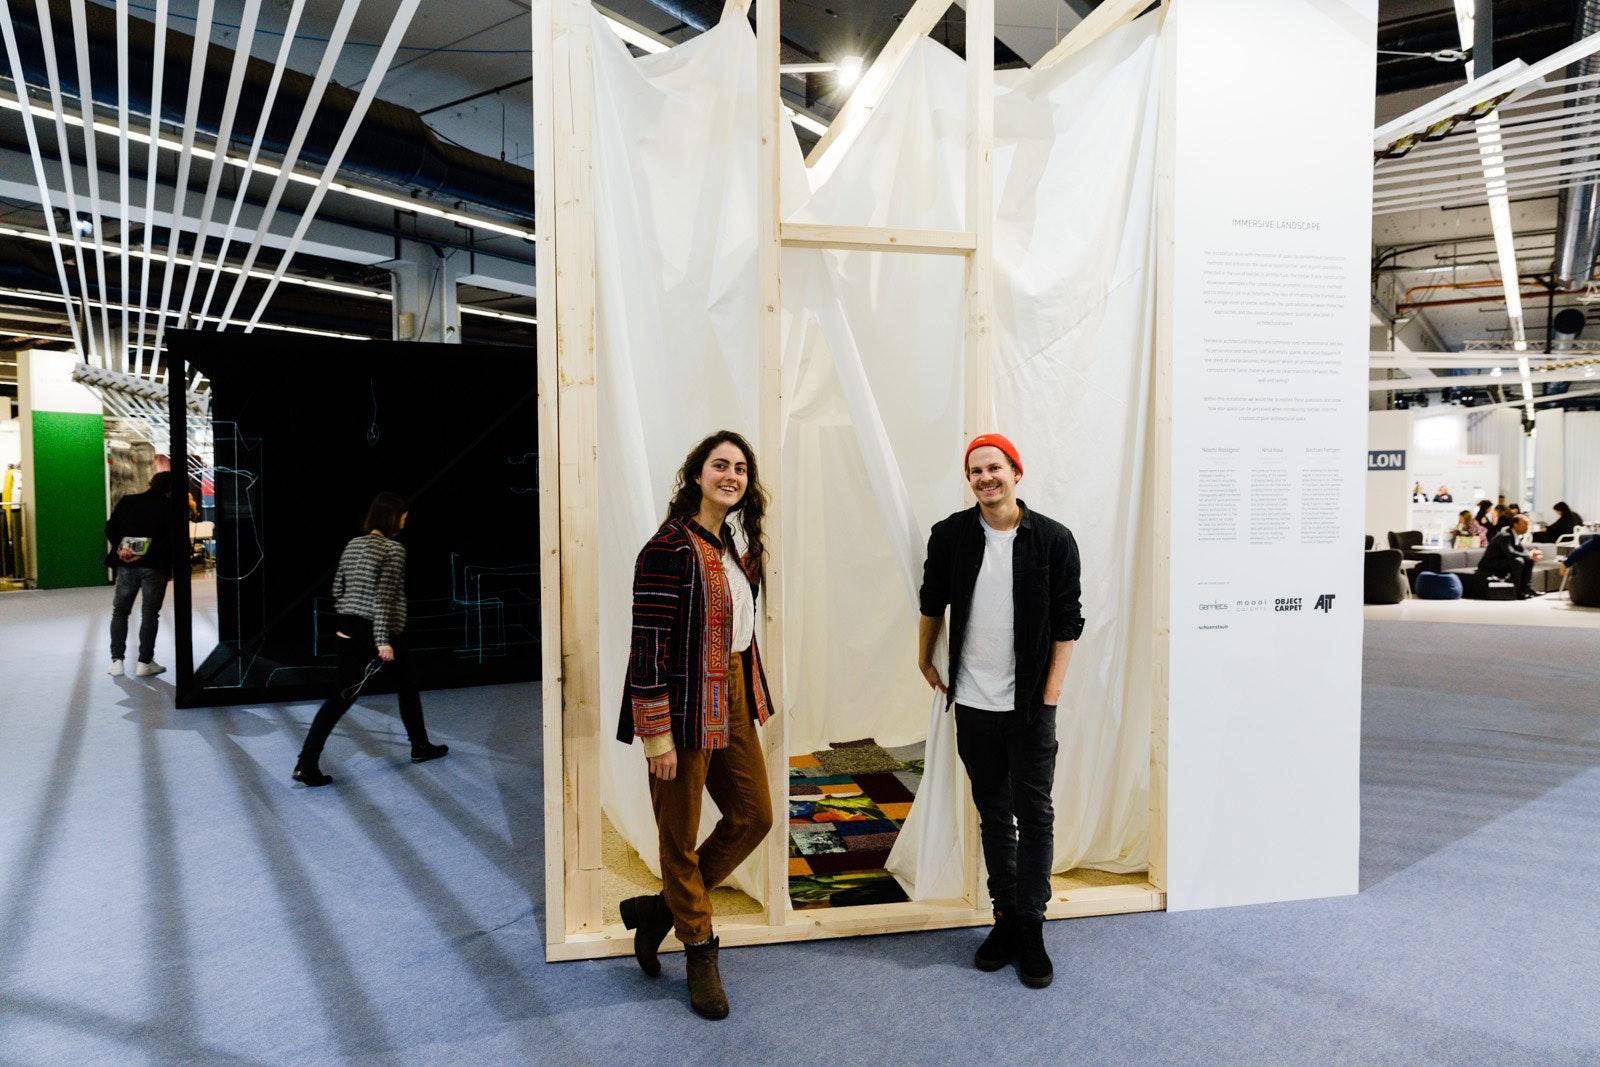 """Auf der Heimtextil 2018 luden Naomi Rossignol und Bastian Feltgen die Messebesucher ein, das Raumerlebnis in ihrer Installation """"Immersive Landscape"""" zu erfahren. Die Stipendiaten des """"Interior Scholarship"""" nahmen das Thema Textil und Architektur in den Fokus."""